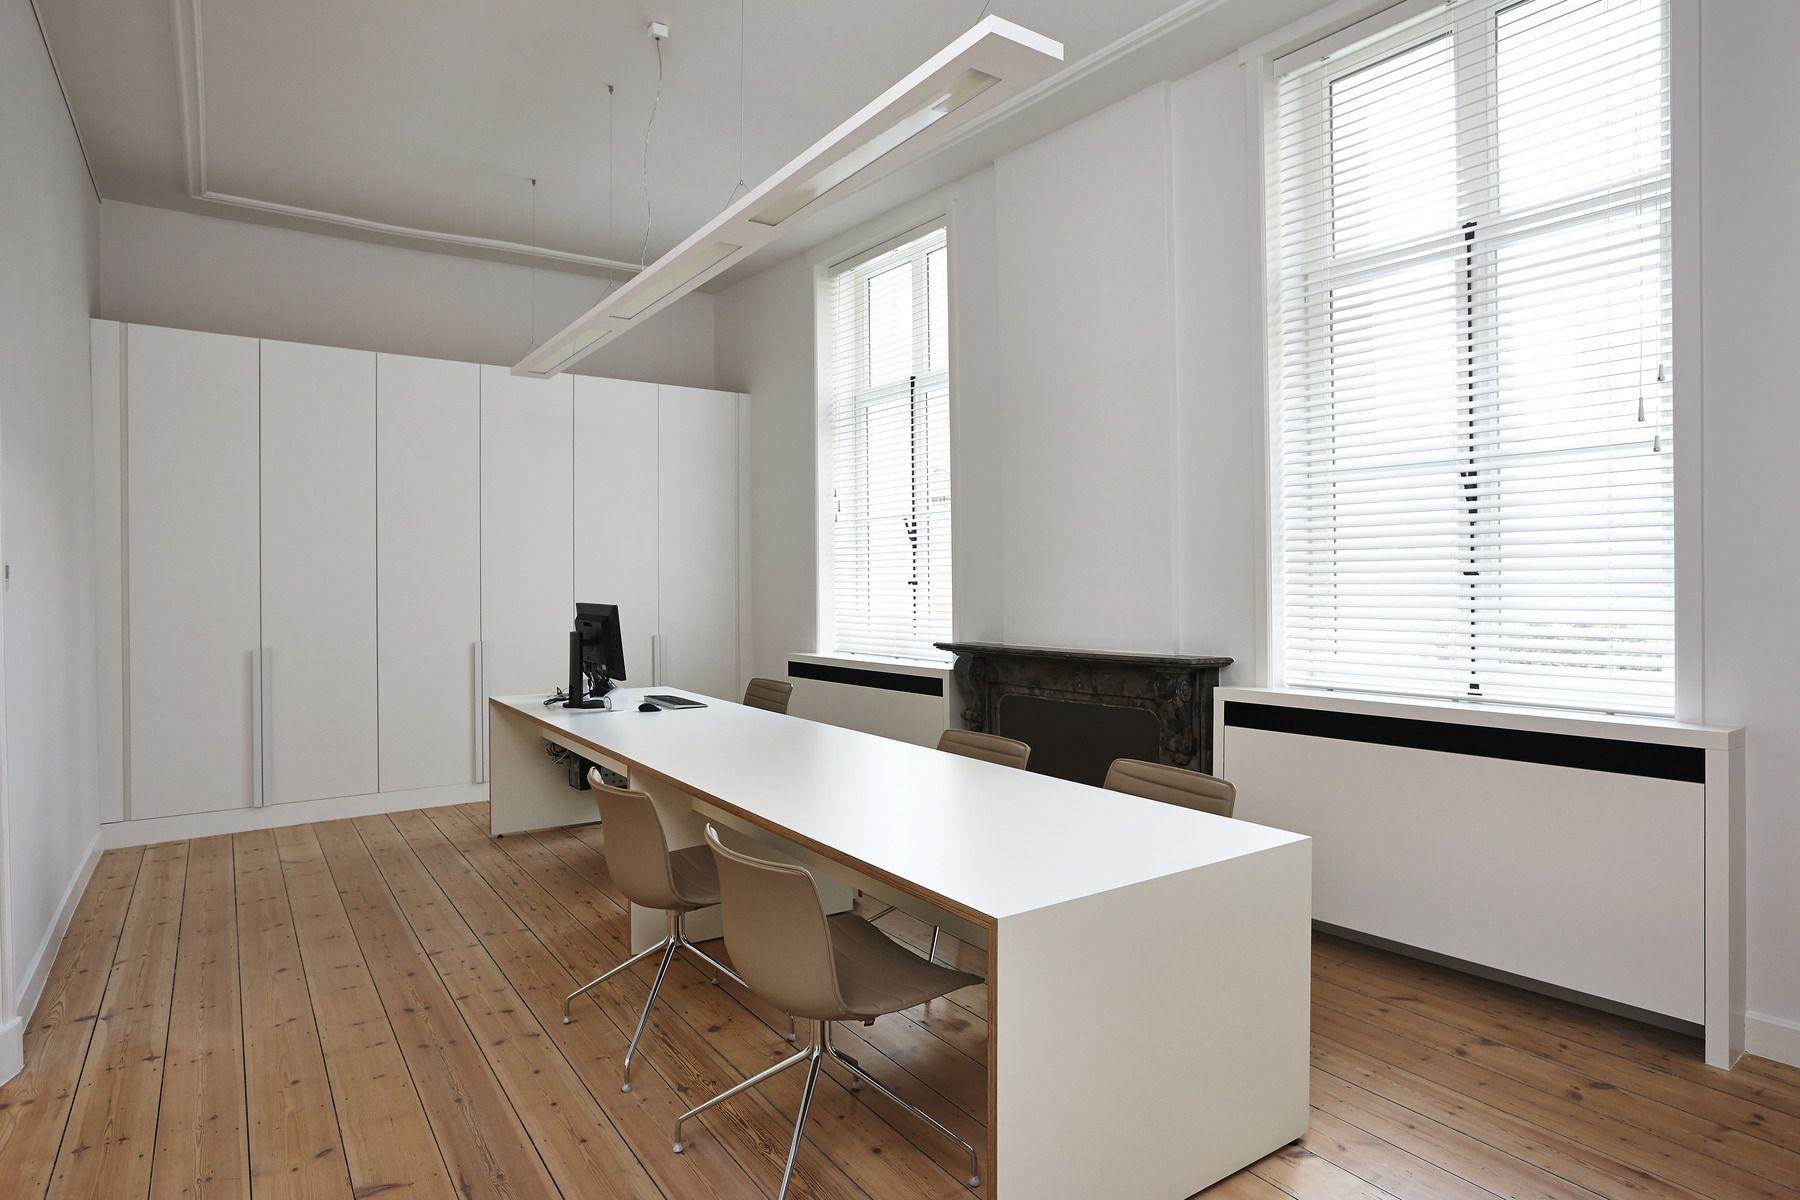 Katty Ghekiere Interieurarchitect #kattyghekiere #interieur